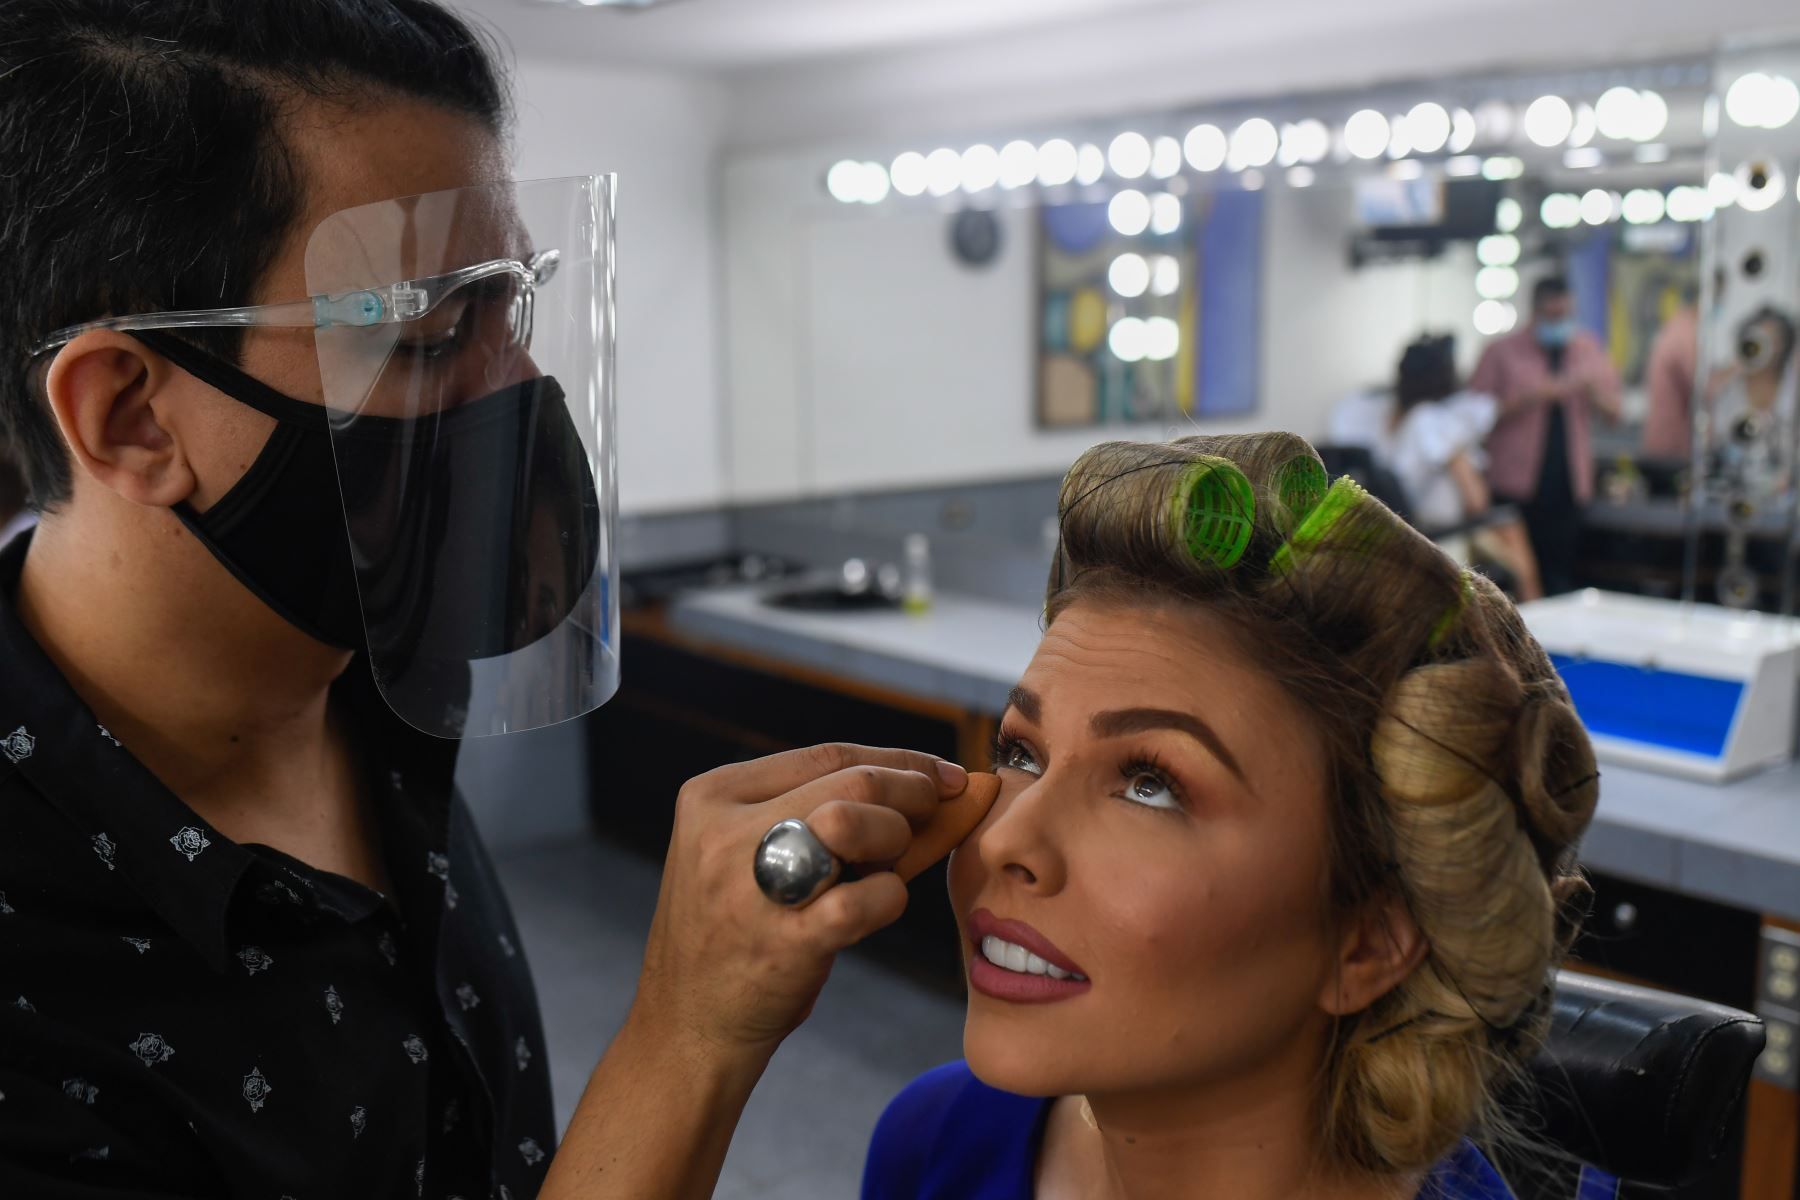 Una estilista con máscara y escudo facial, maquilla a la concursante de Miss Venezuela, en el camerino antes de una reunión con los jueces, en Caracas. Foto. AFP